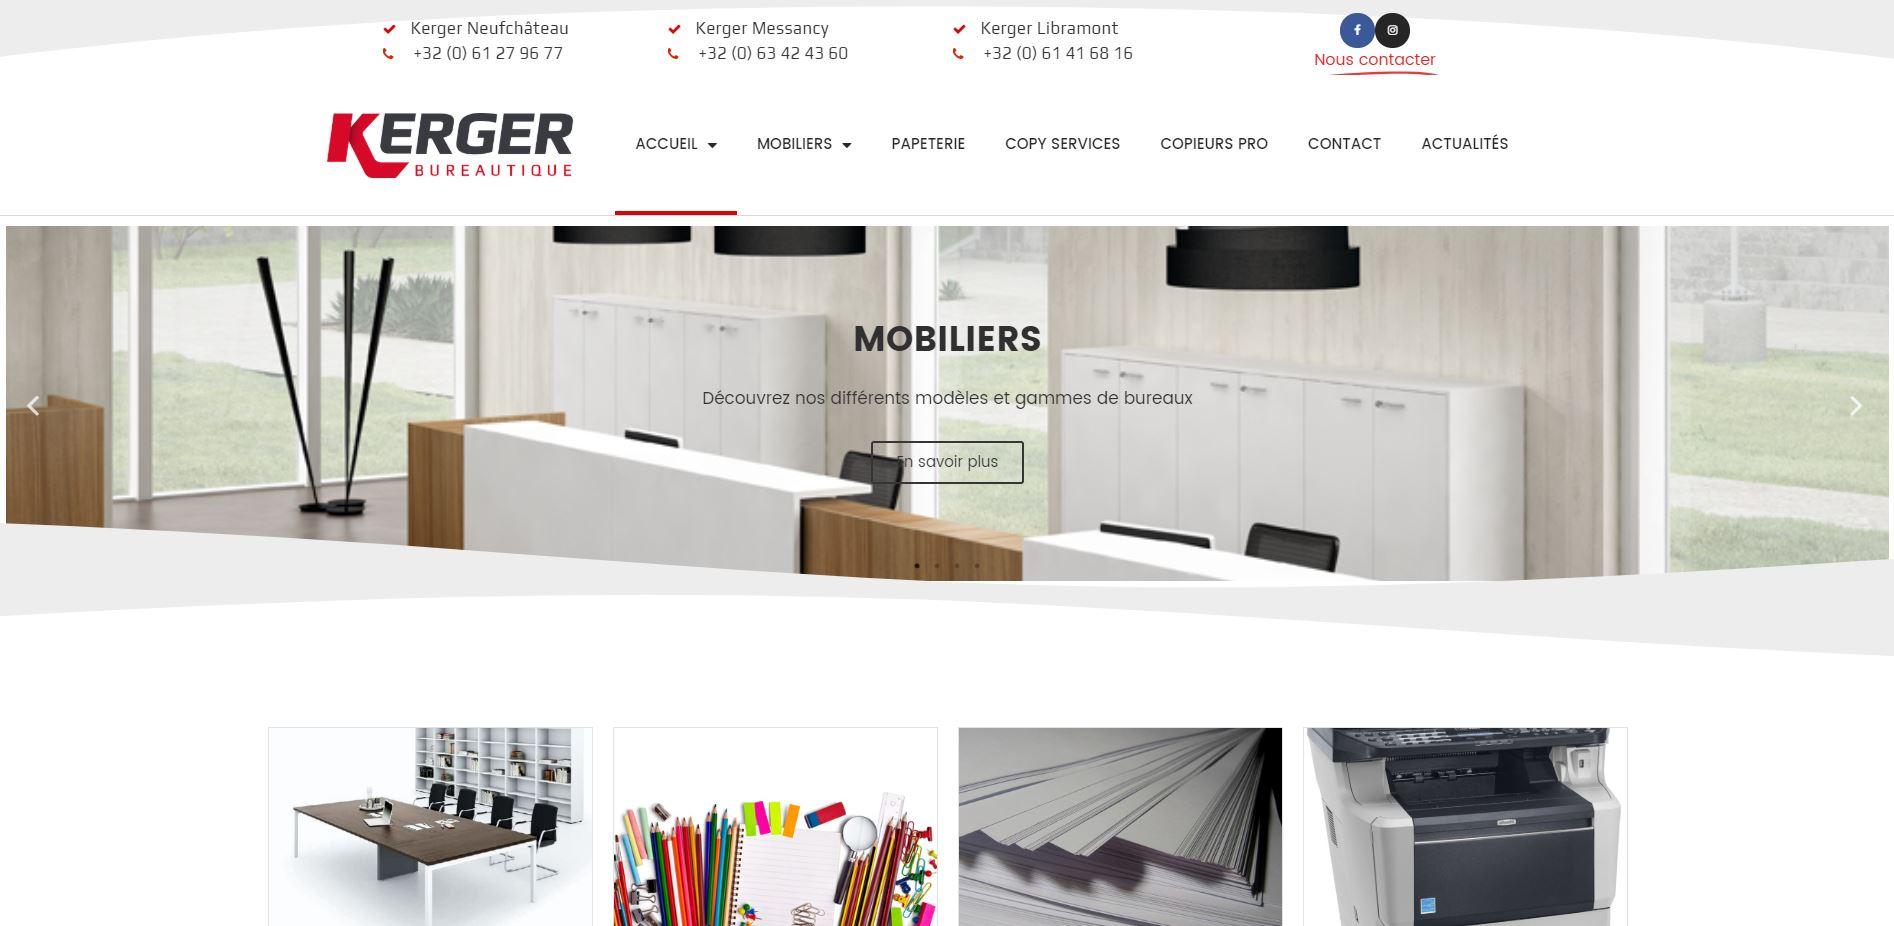 Kerger bureautique, Site Web